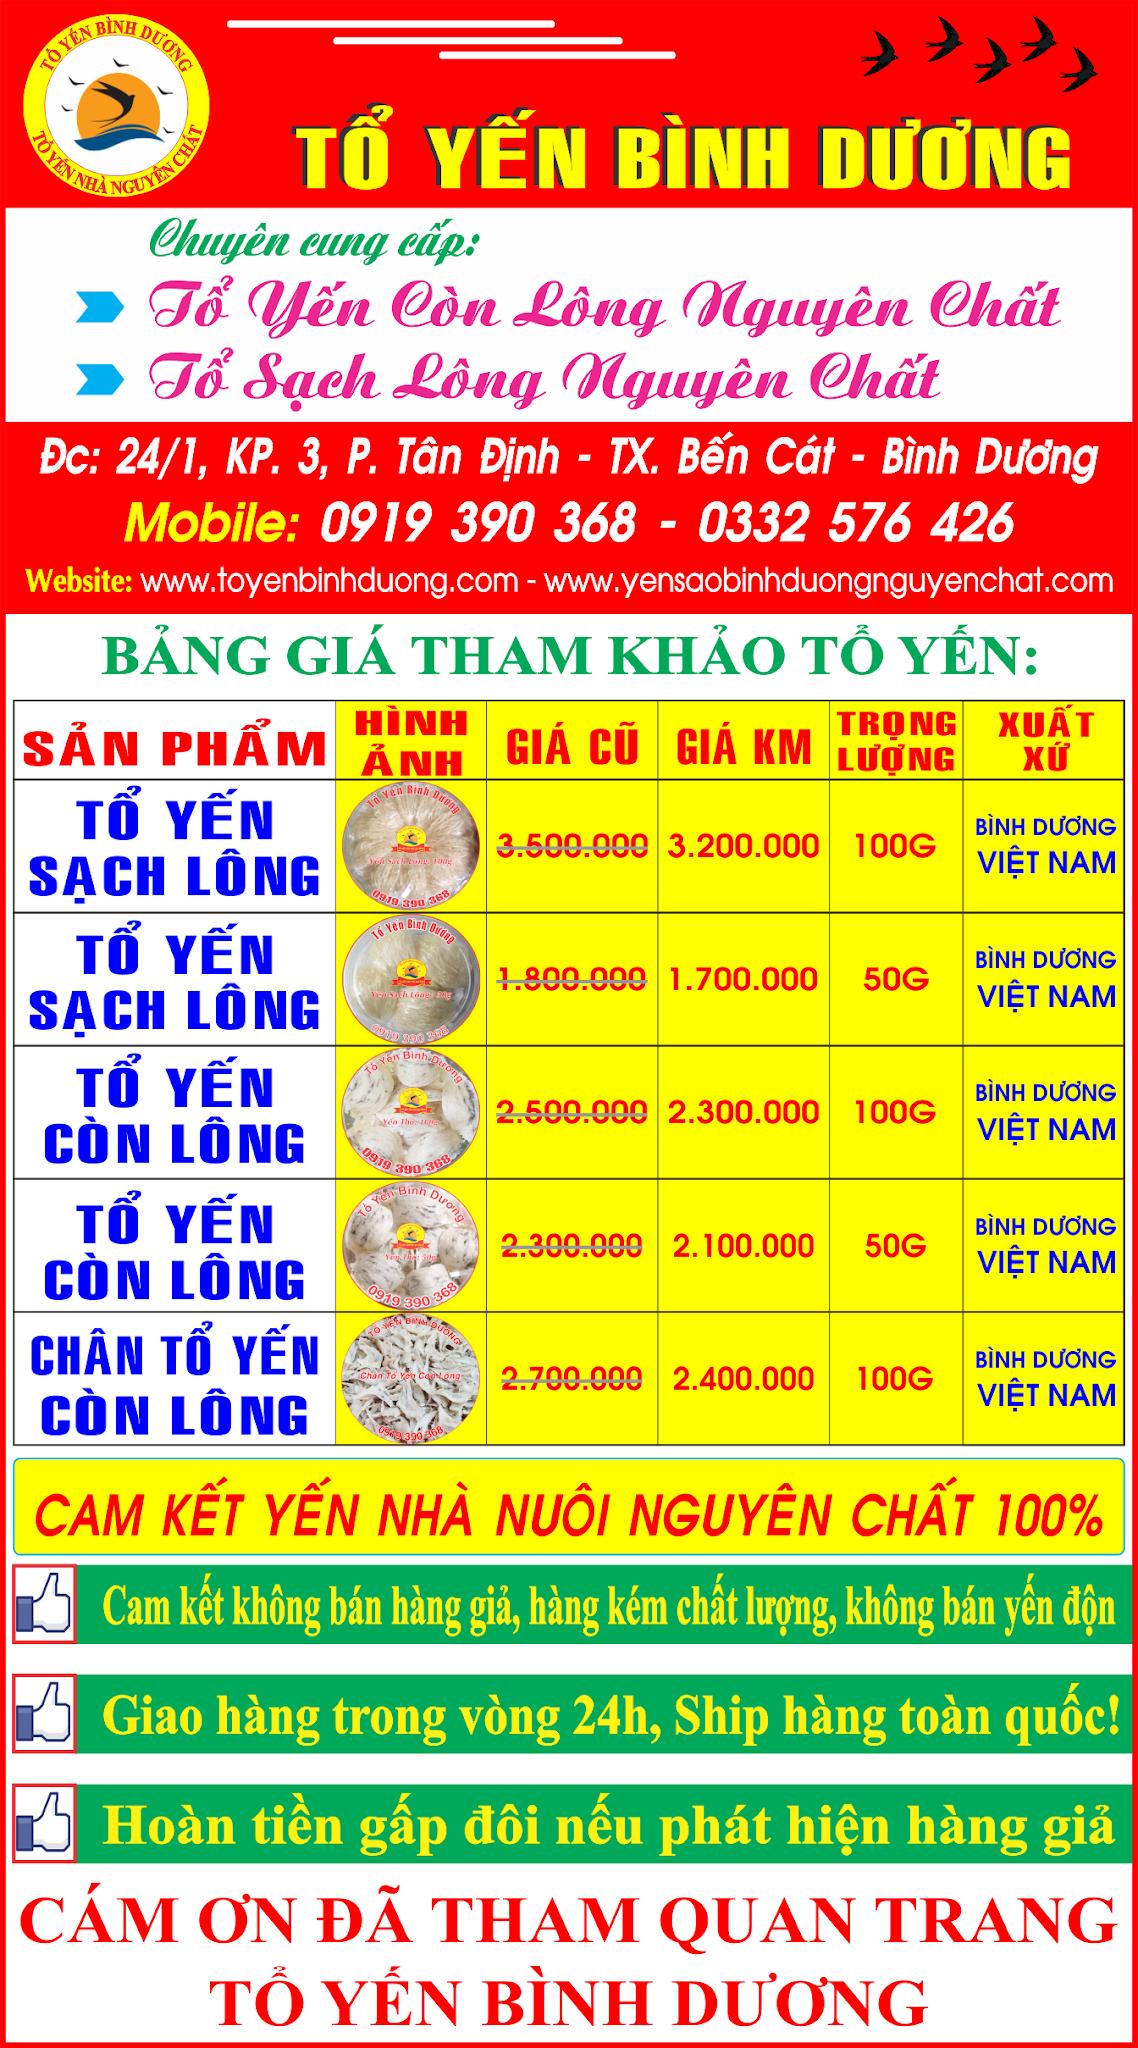 BANG GIA TO YEN BINH DUONG NGUYEN CHAT